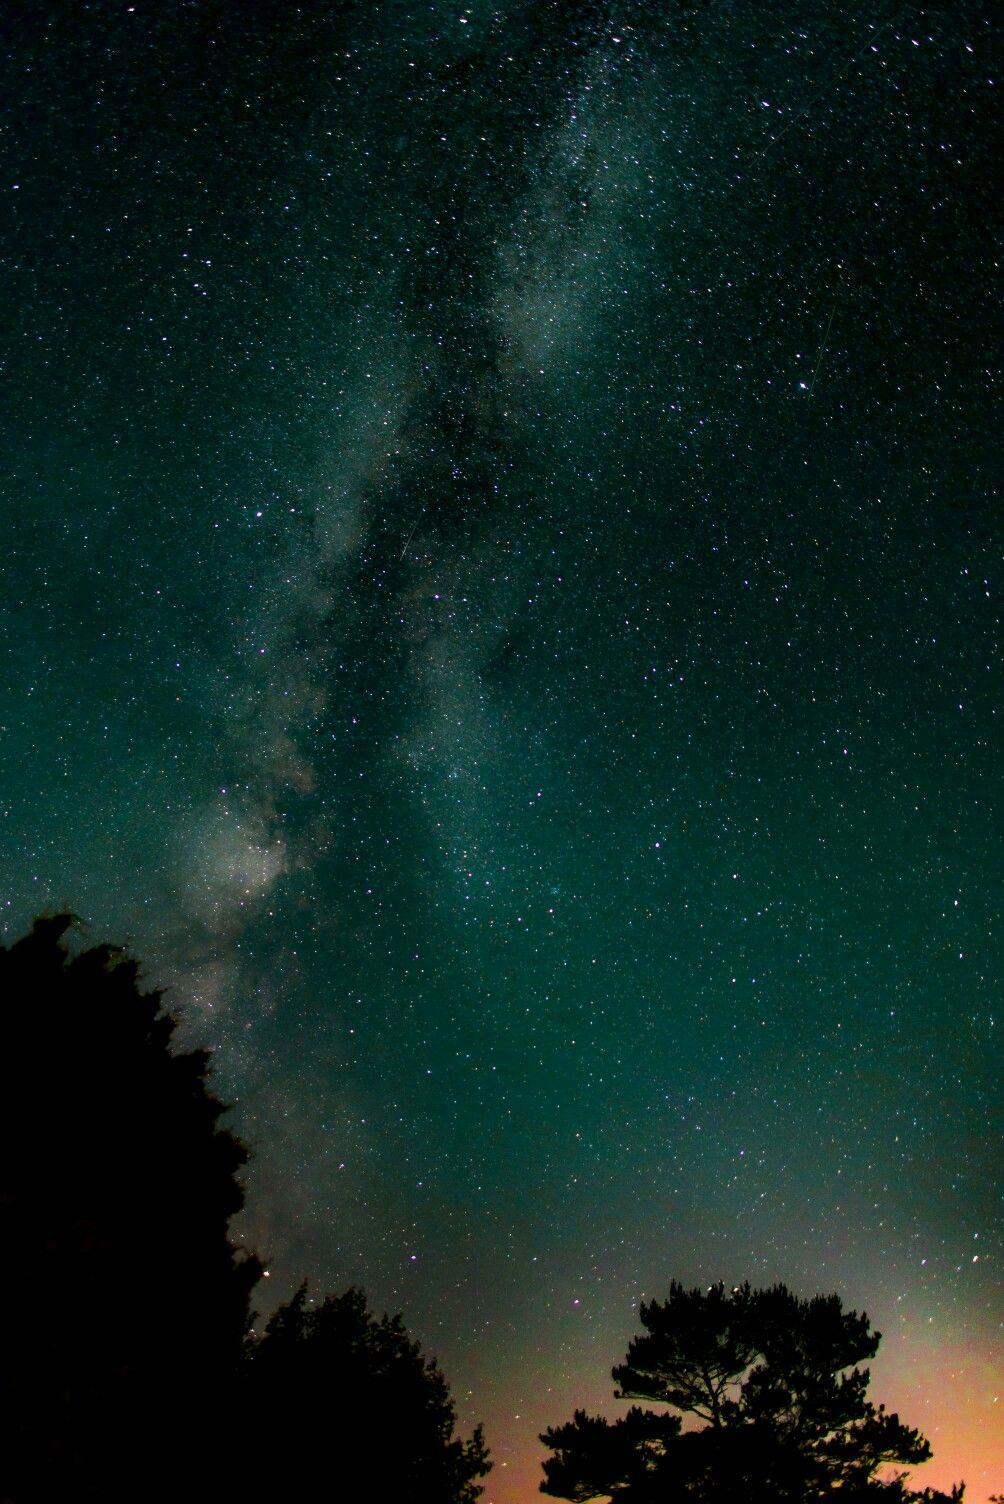 Stelle Viola Cielo Verde Sfondi Hd Nel 2019 Sfondi Sfondi Hd E